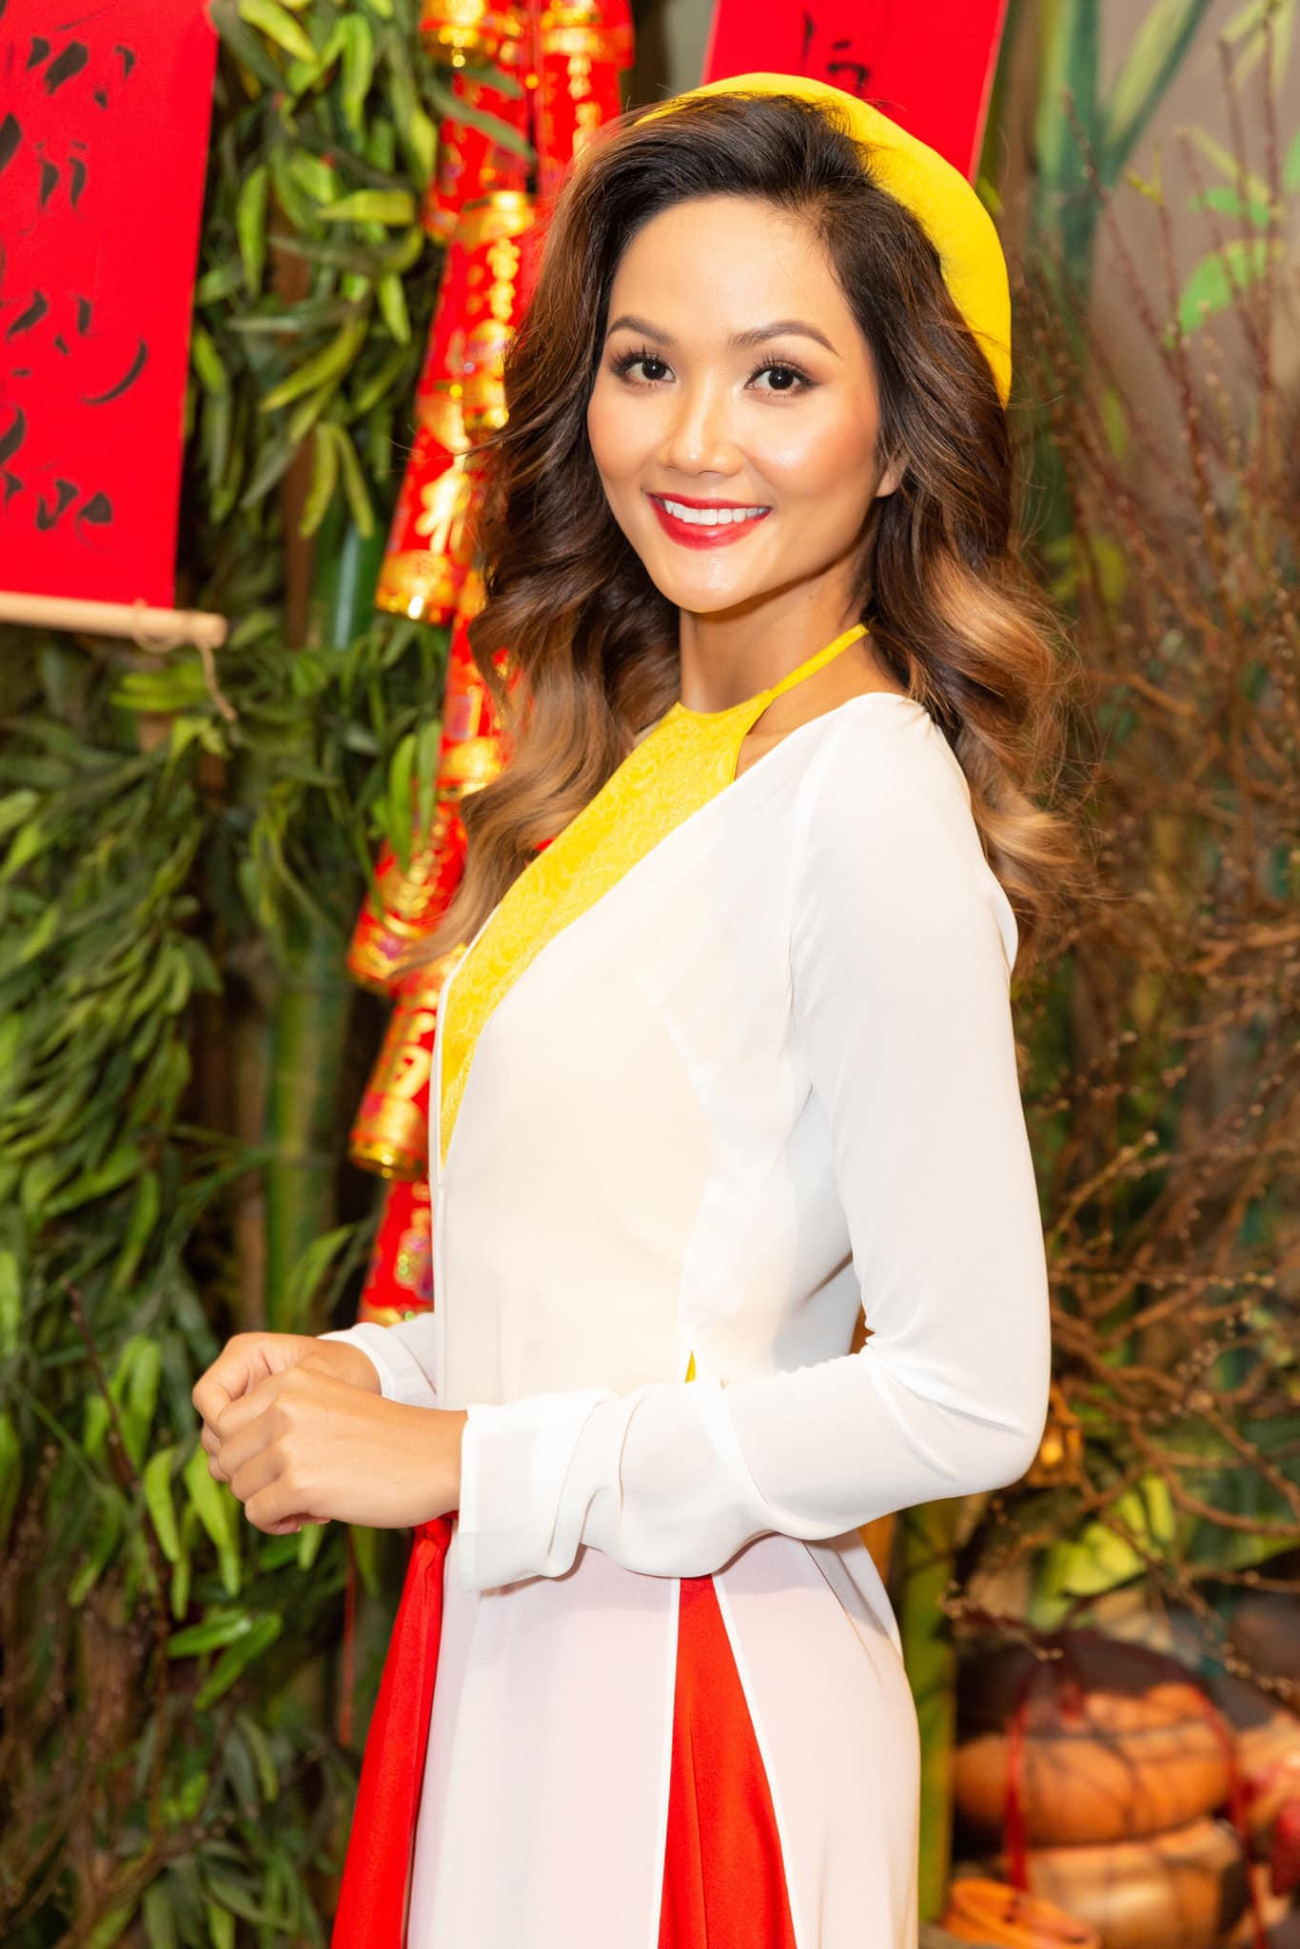 Hoa hậu Đỗ Thị Hà để mặt mộc vẫn đẹp rạng rỡ, H'hen Niê hoá 'nàng Xuân' với áo tứ thân ảnh 4